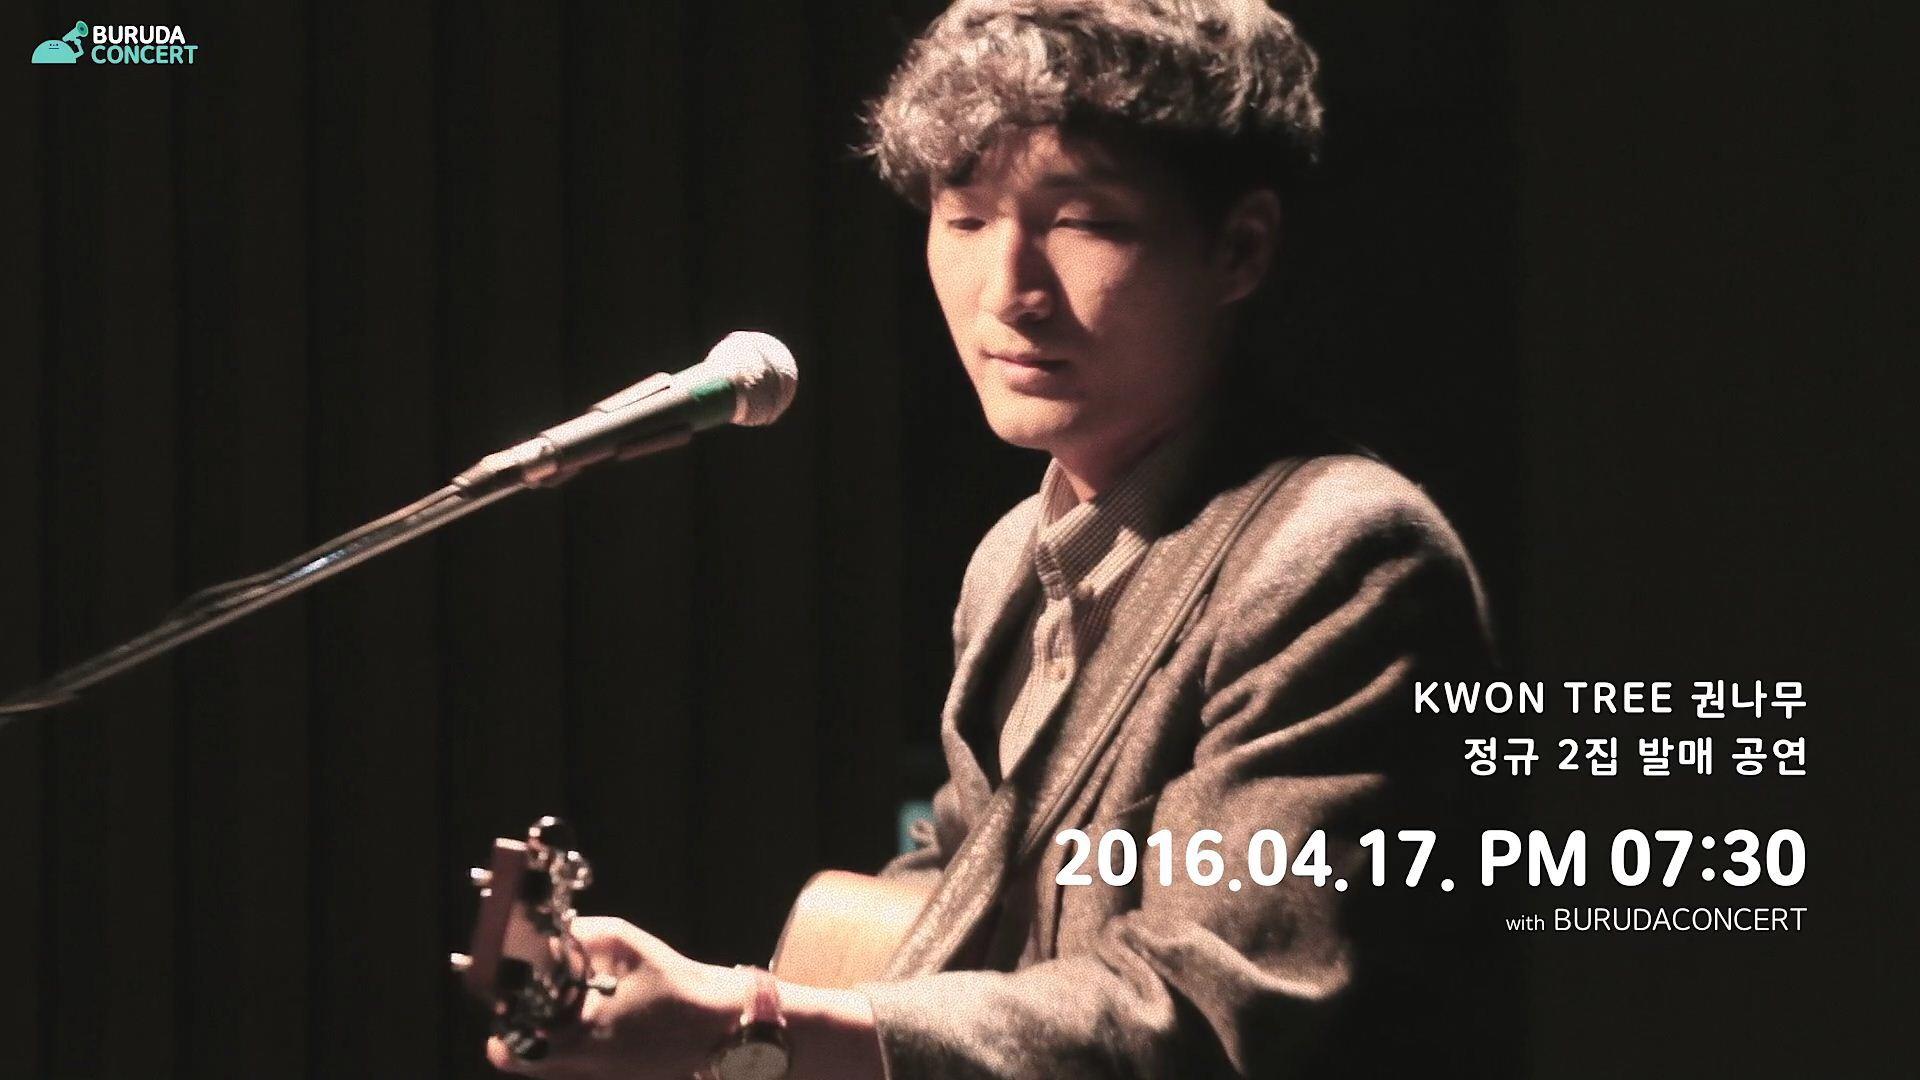 [LIVE]  Kwon Tree 권나무 2집 발매 공연 : 사랑은 높은 곳에서 흐르지